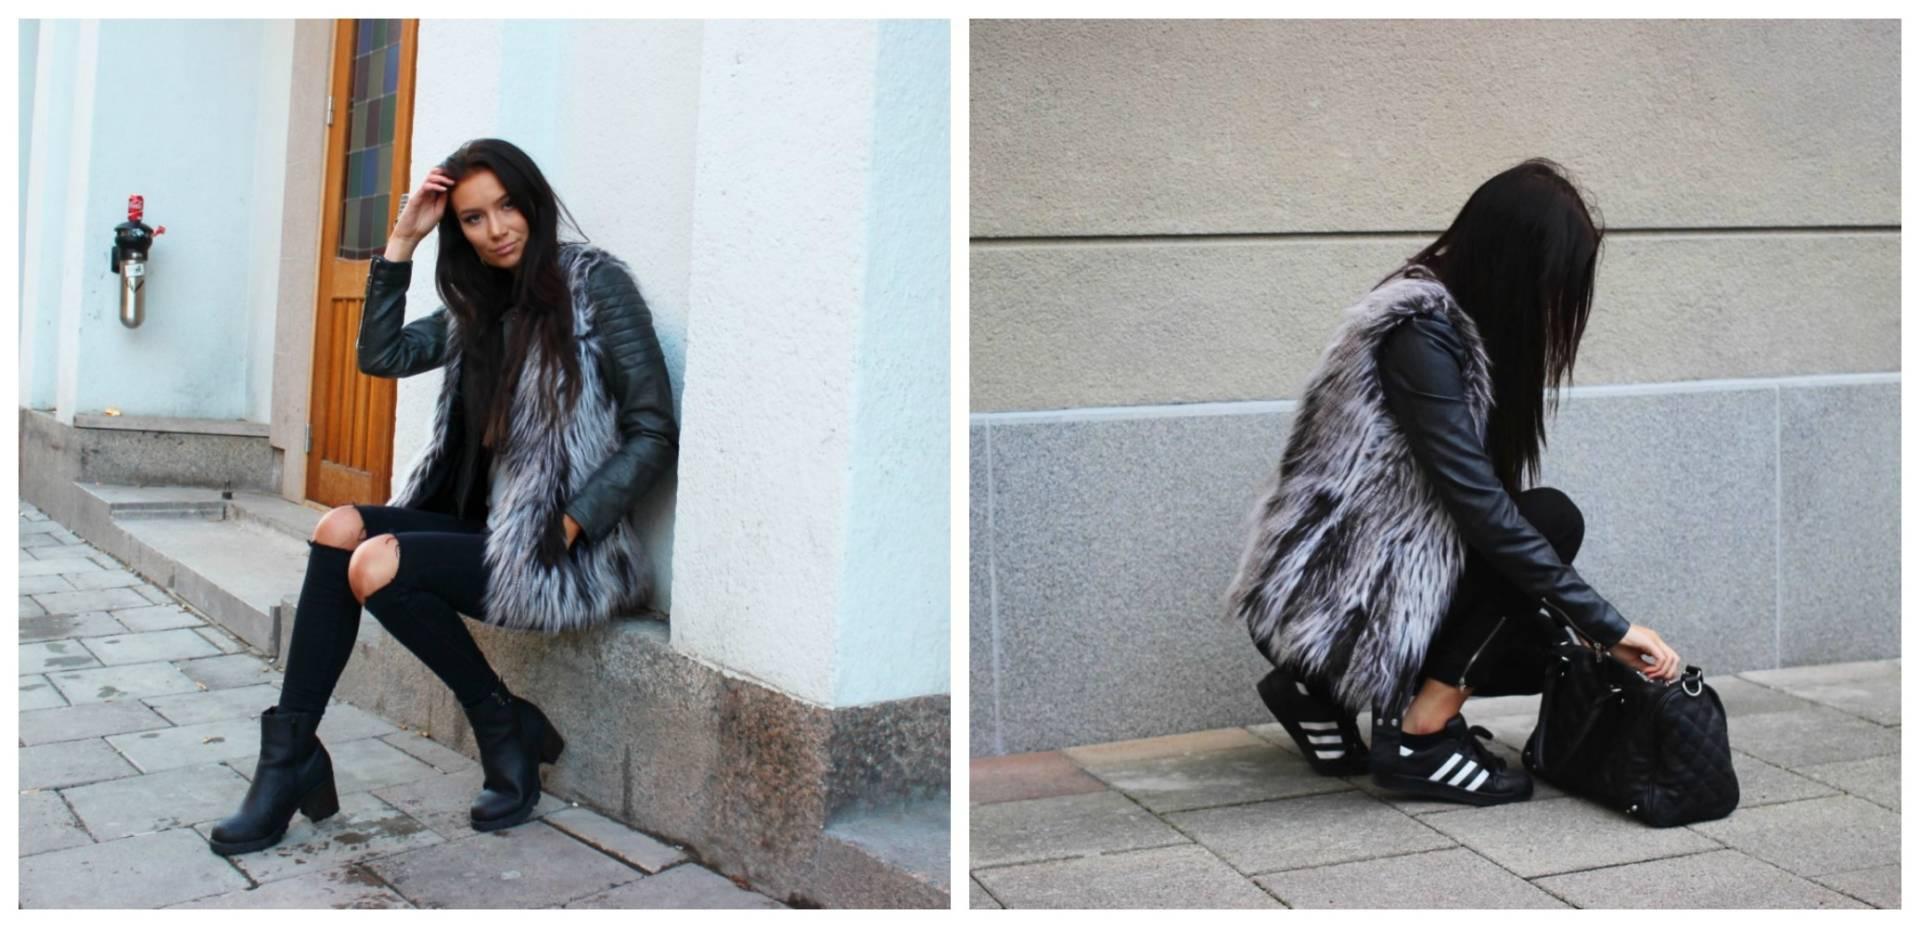 cc6d525186f5 Min stil är ganska enkel och tror det är därför många tycker om mina  outfits för folk relatera till dom. Jag köper dessutom inga dyrare kläder  utan kläder ...